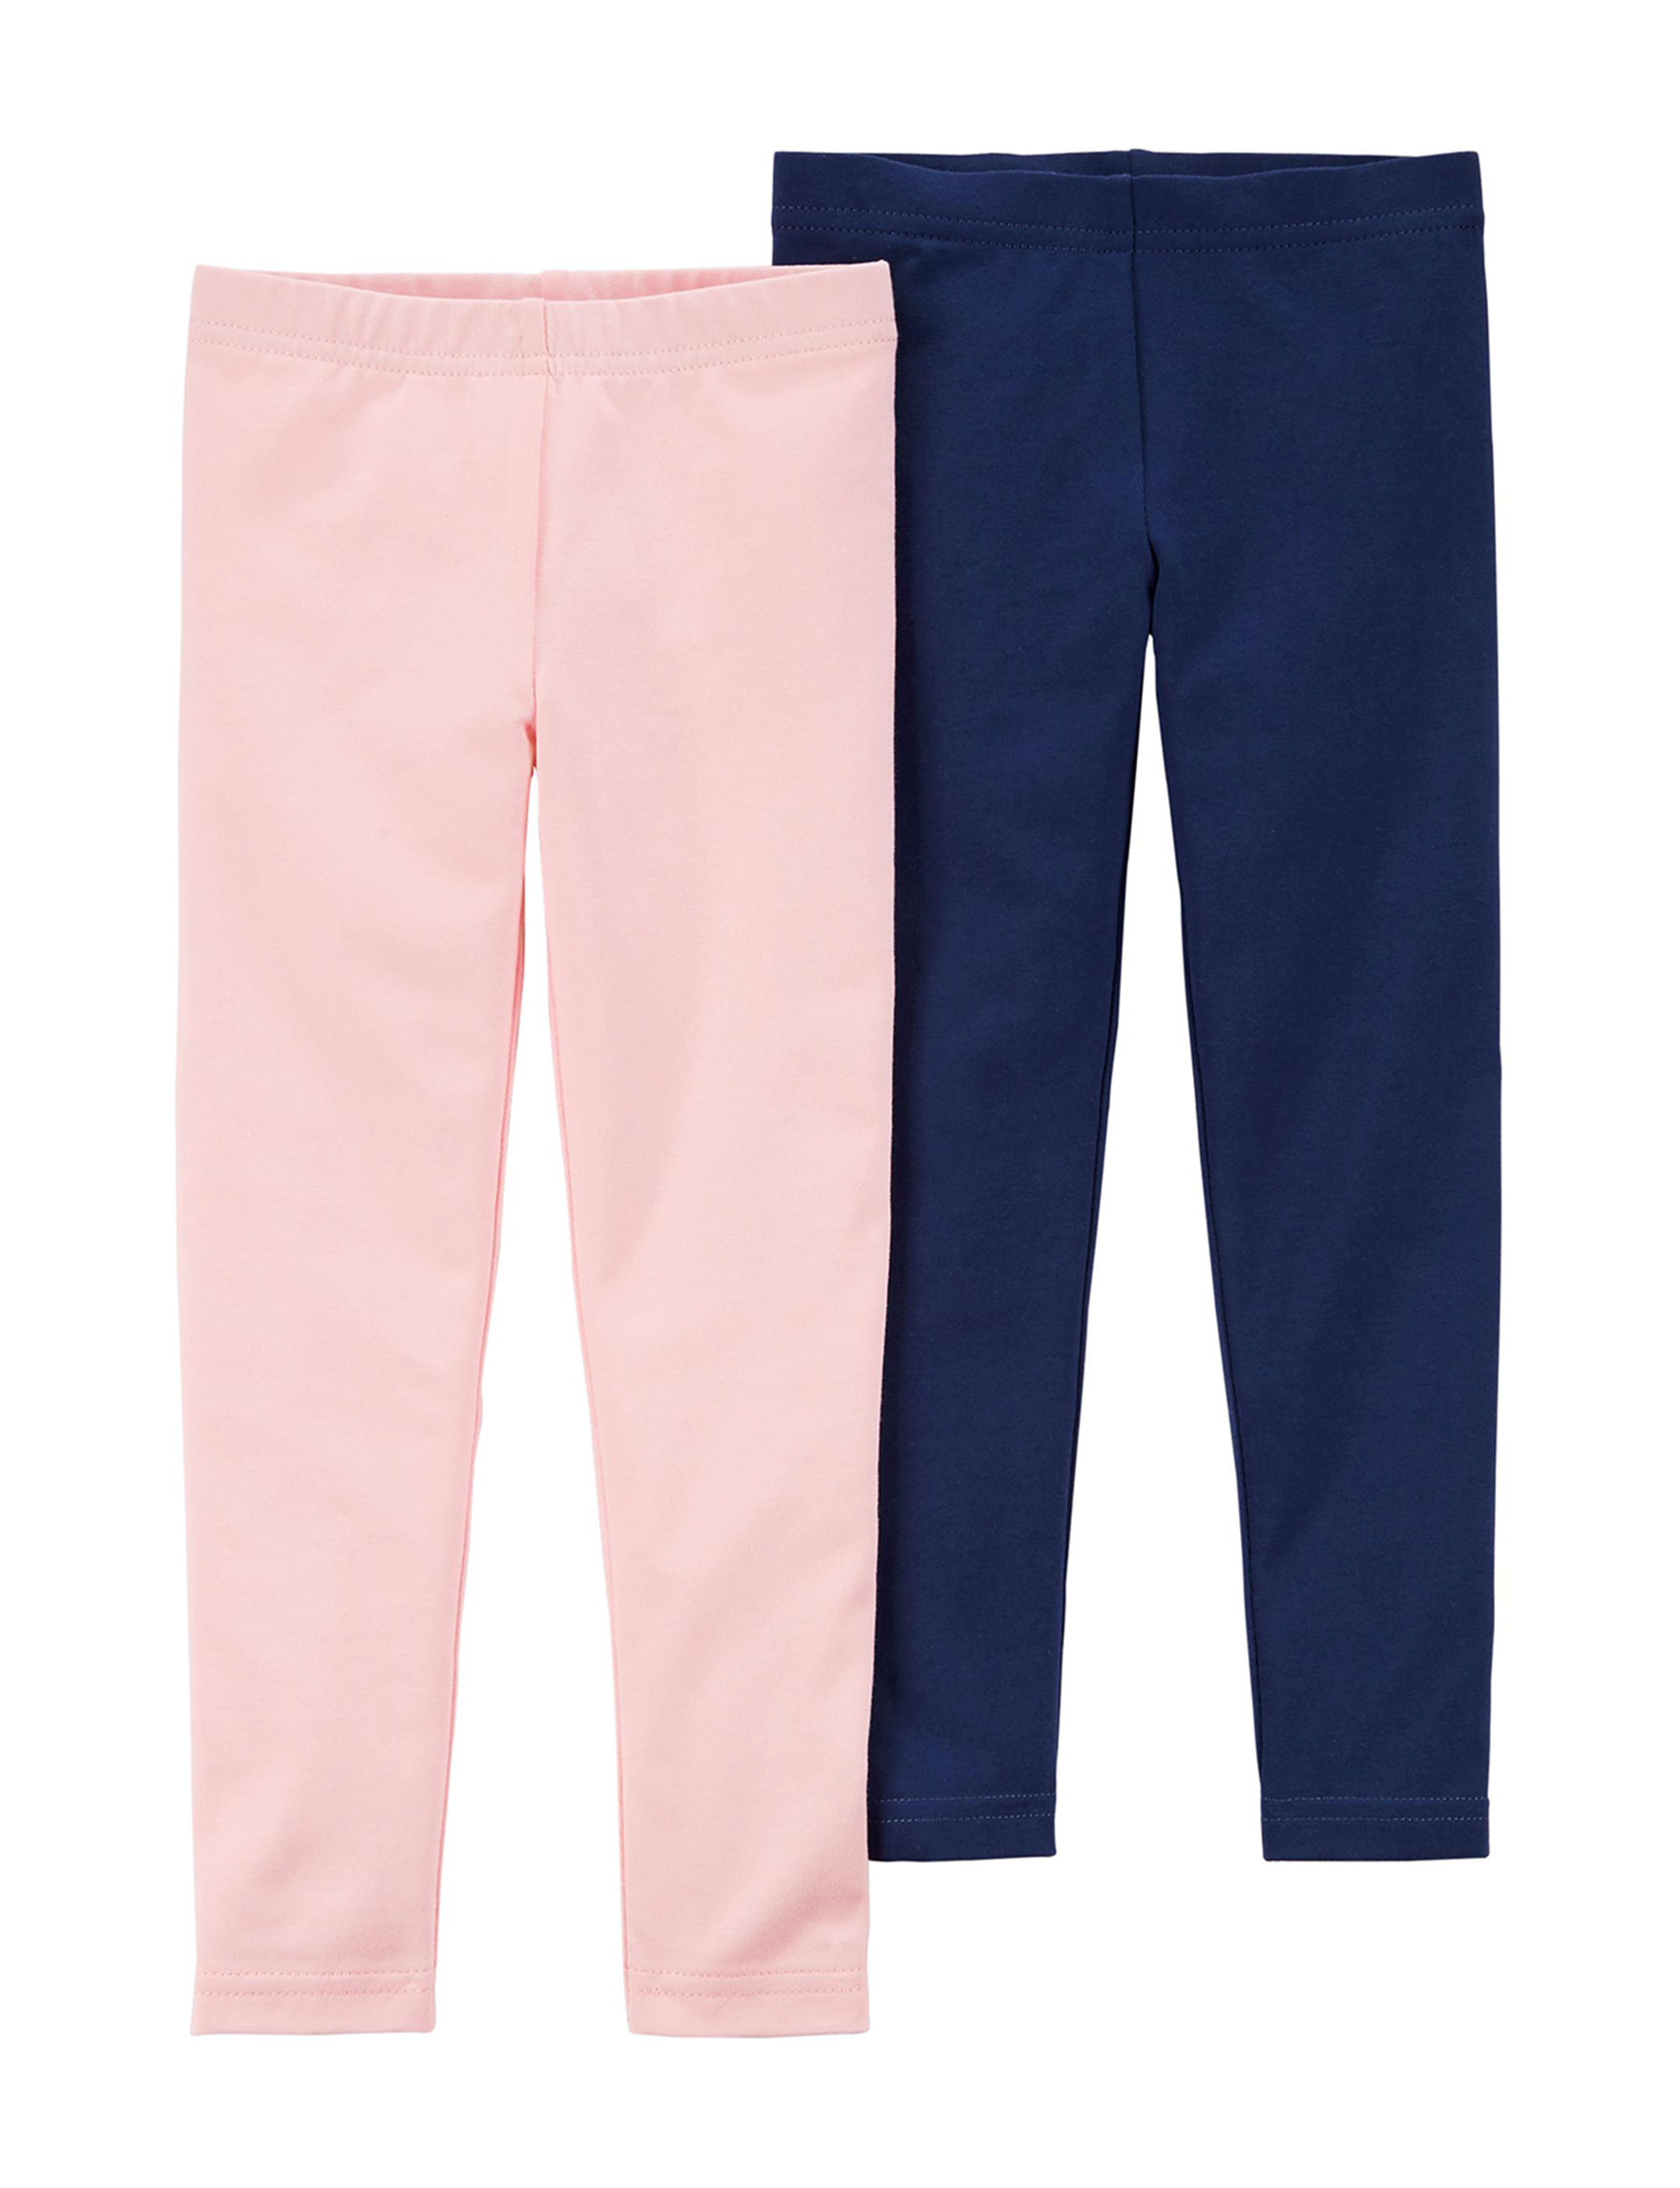 Carter's Pink / Blue Leggings